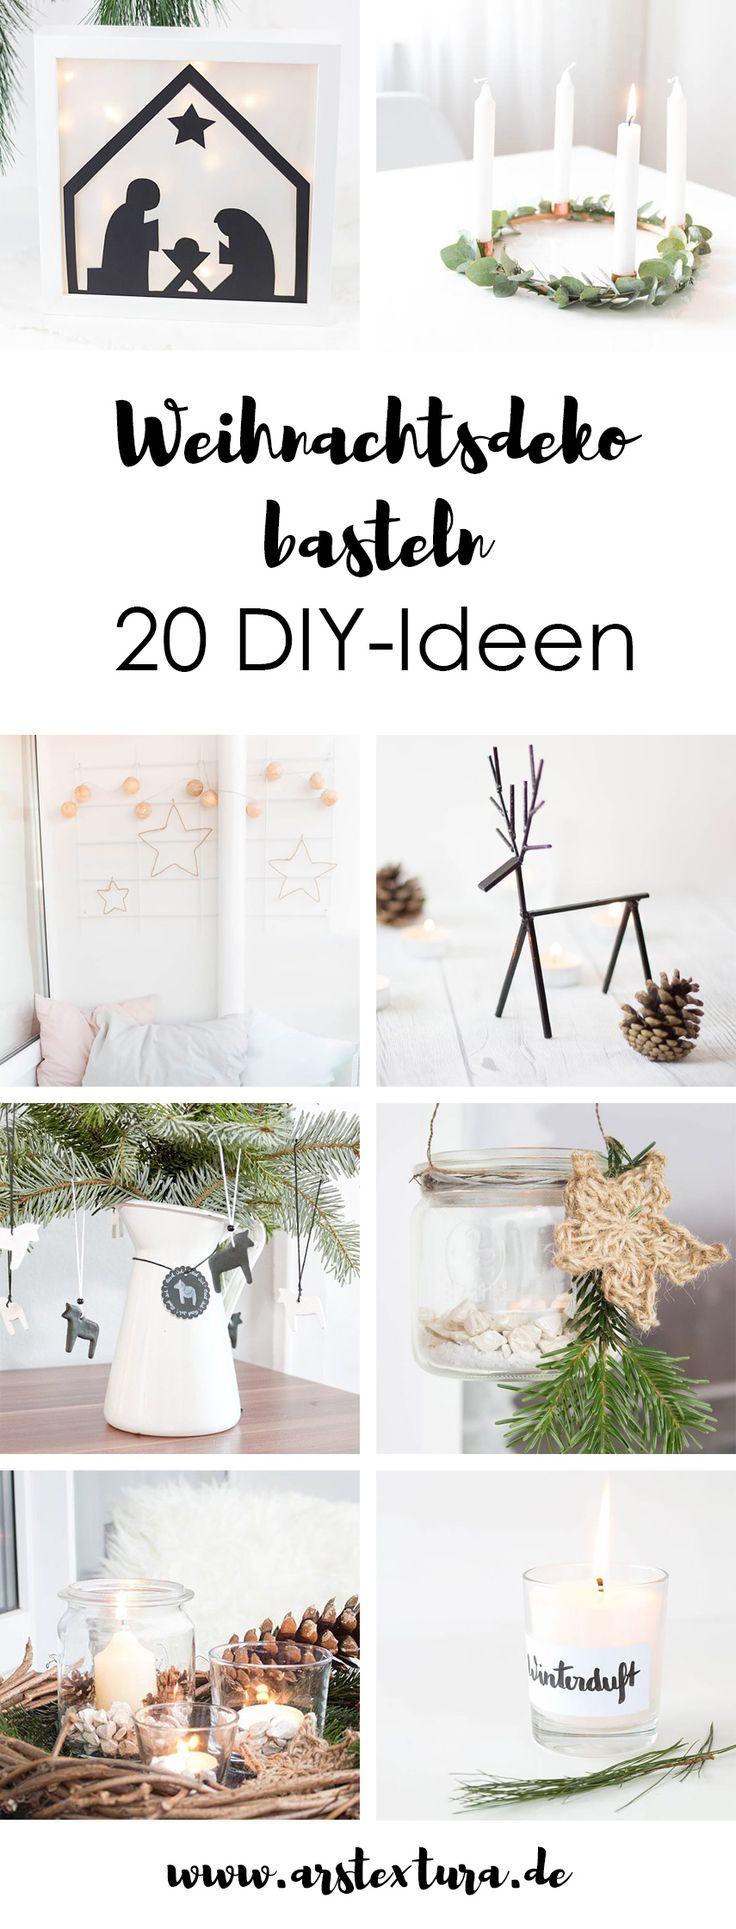 Weihnachtsdeko basteln - 20 DIY Ideen für dein Zuhause: Adventskalender, Adventskranz, Weihnachtsbaumdeko - es ist für jeden etwas dabei | #weihnachten #weihnachtsdeko #basteln